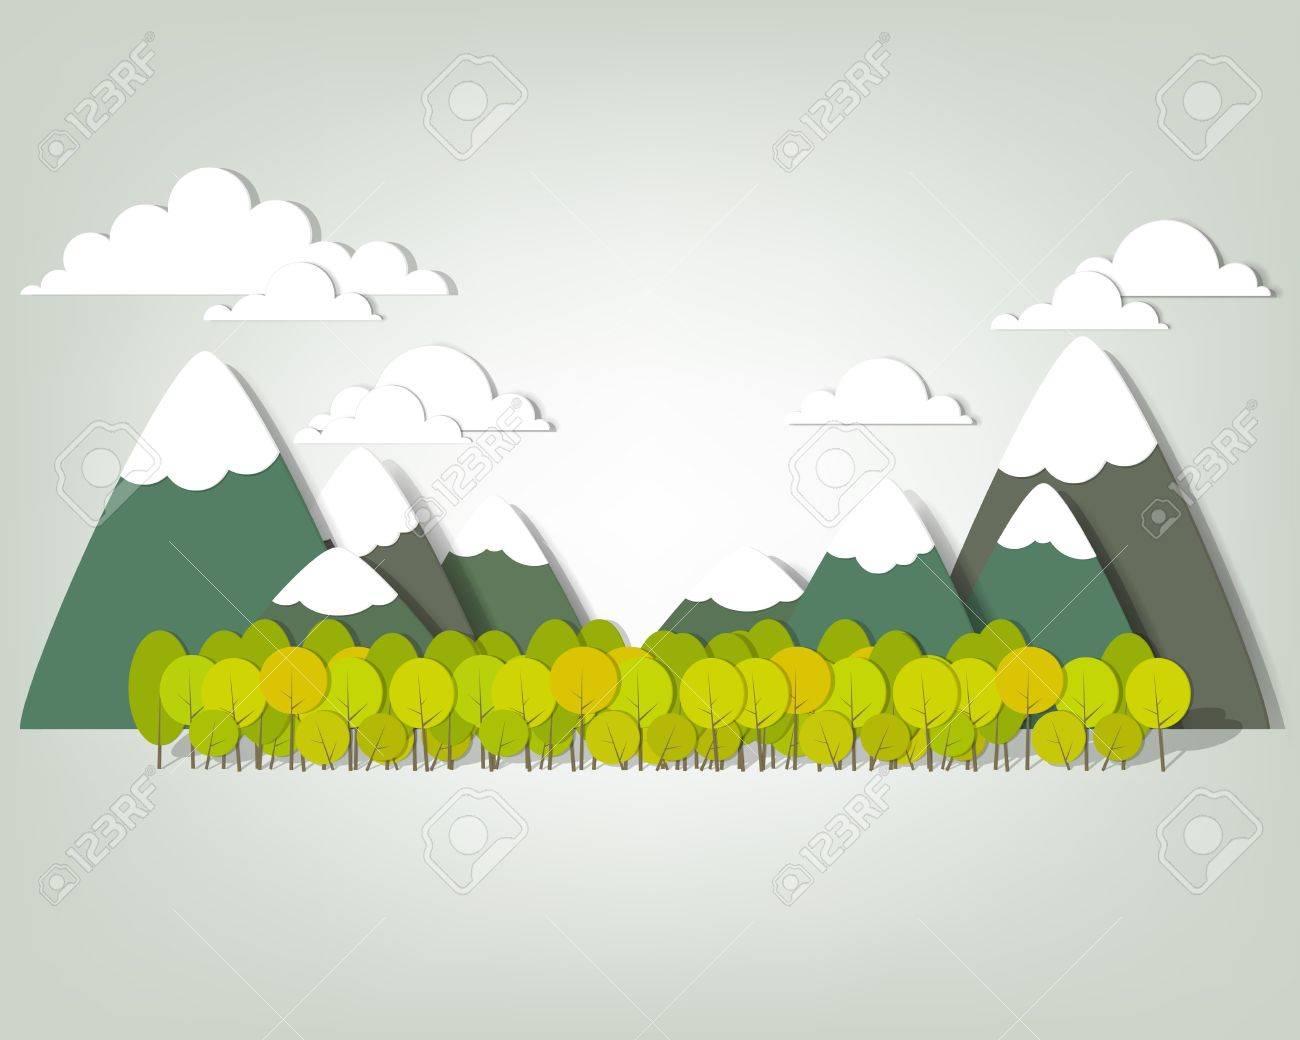 Mountain landscape creative vector applique - 15402371